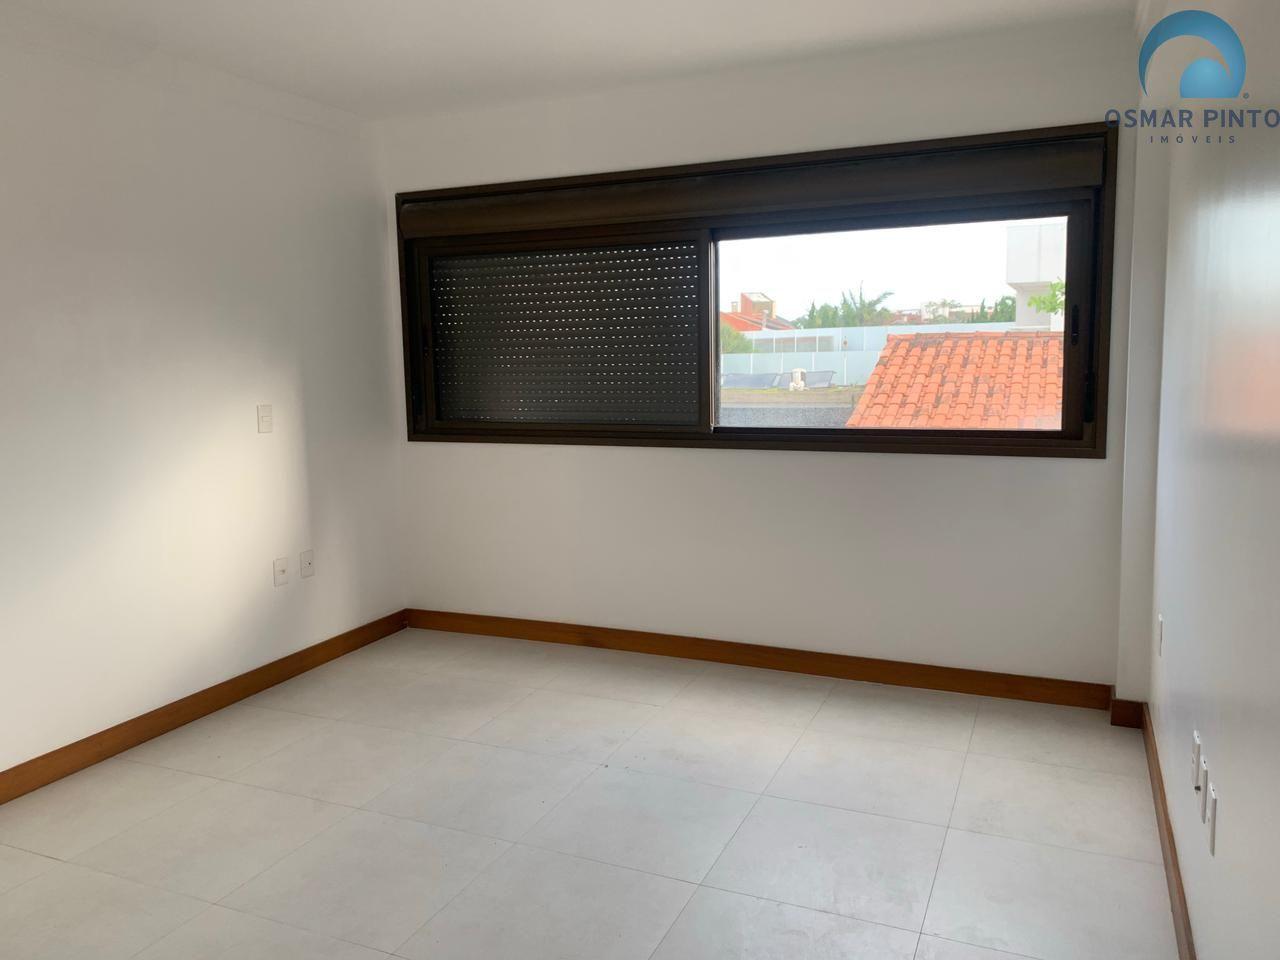 Apartamento 2 dormitórios em Torres, no bairro Predial